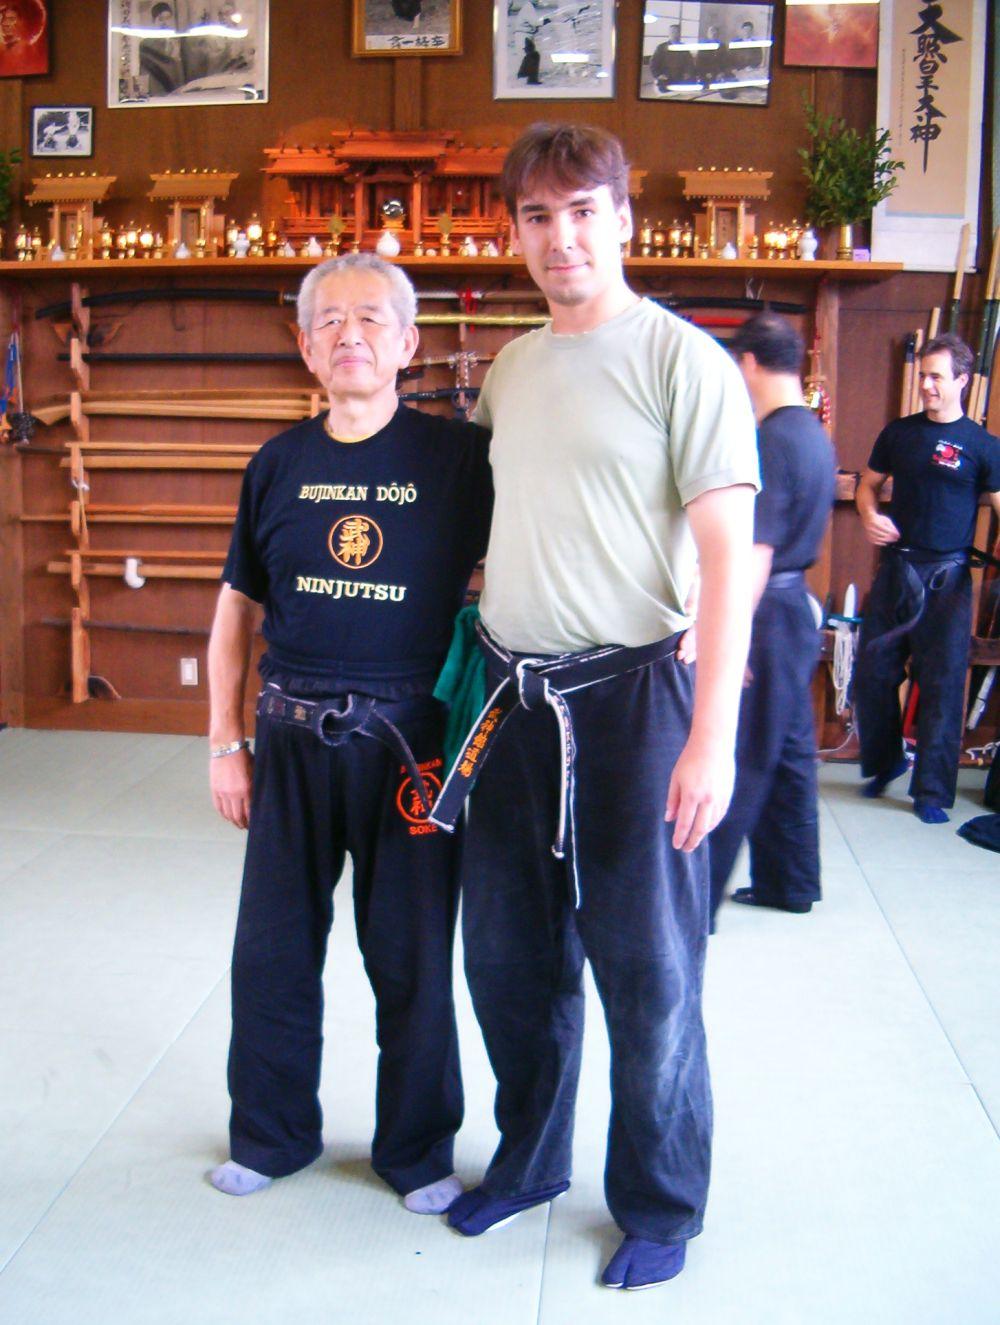 Fotografie s Hatsumi Senseiem v Hombu Dojo z roku 2007